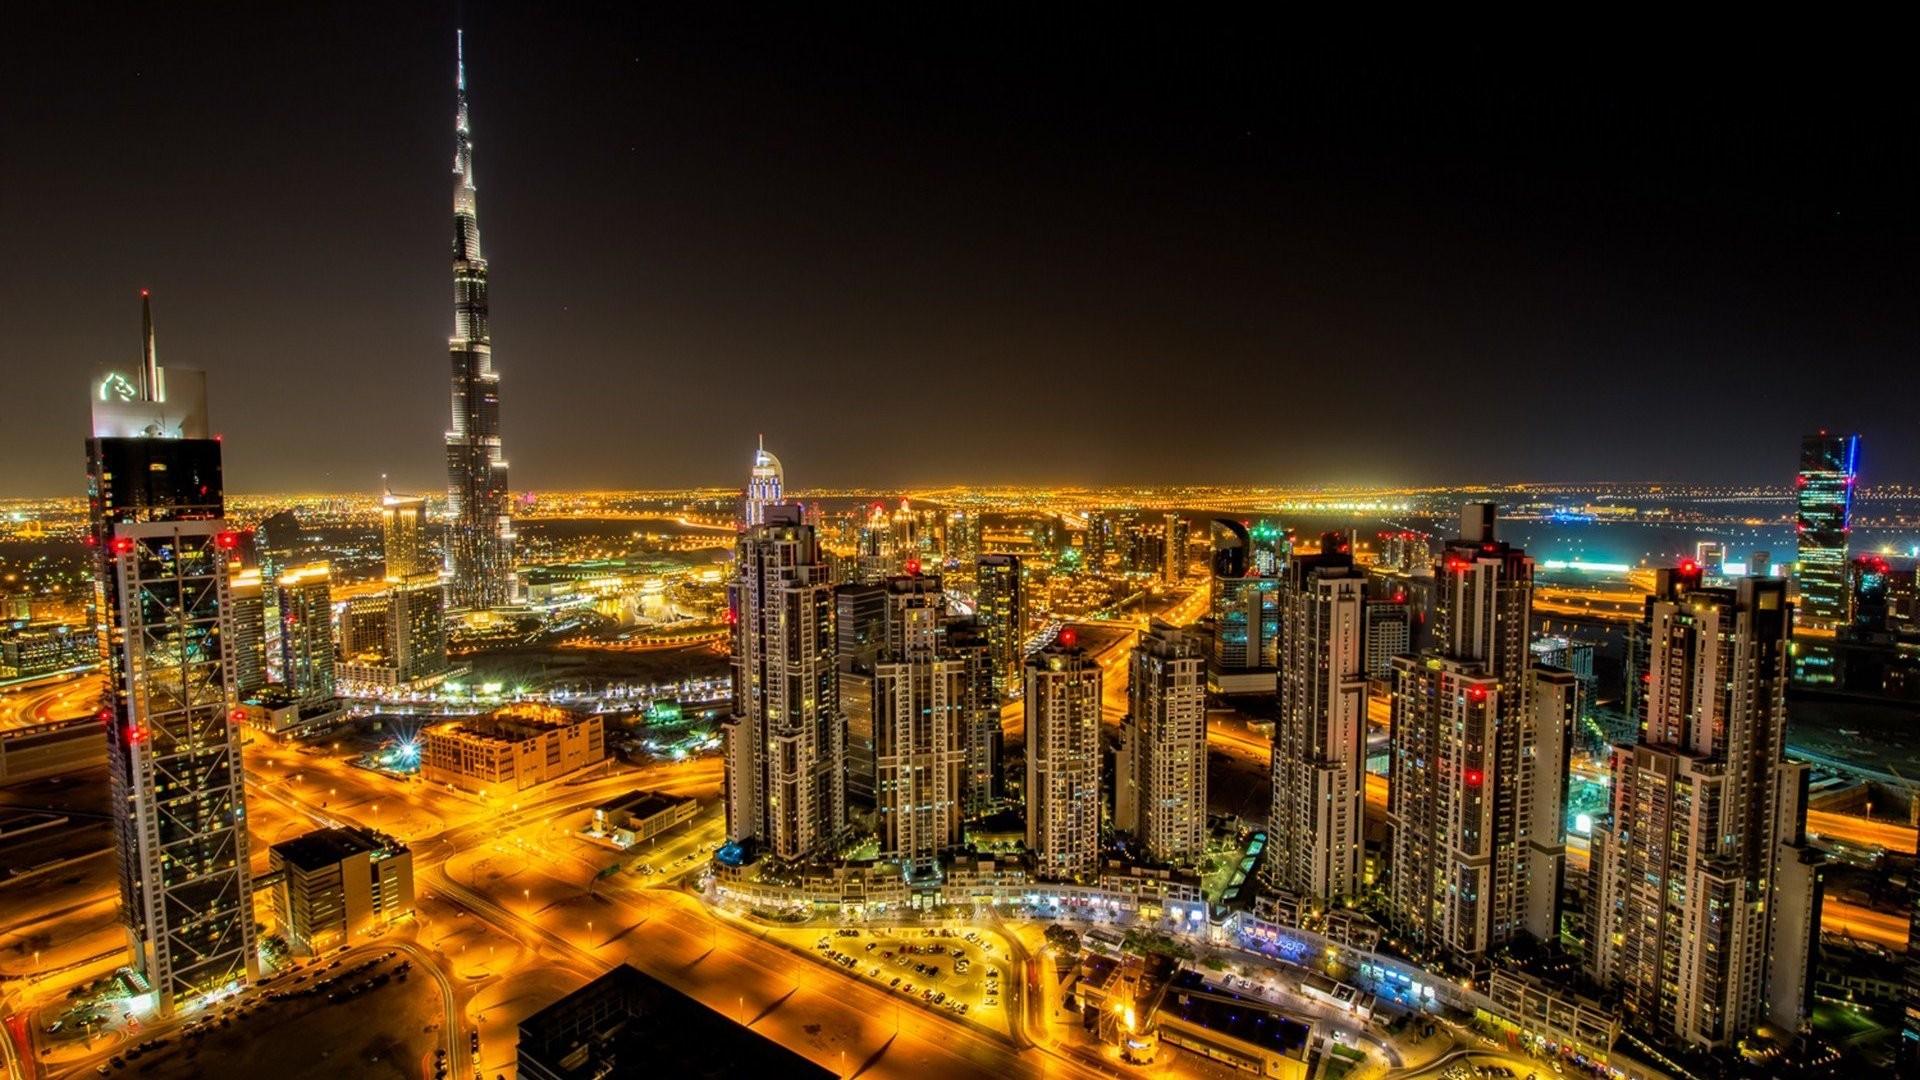 Buildings City Lights Dubai Night Time Roads Skyscrapers